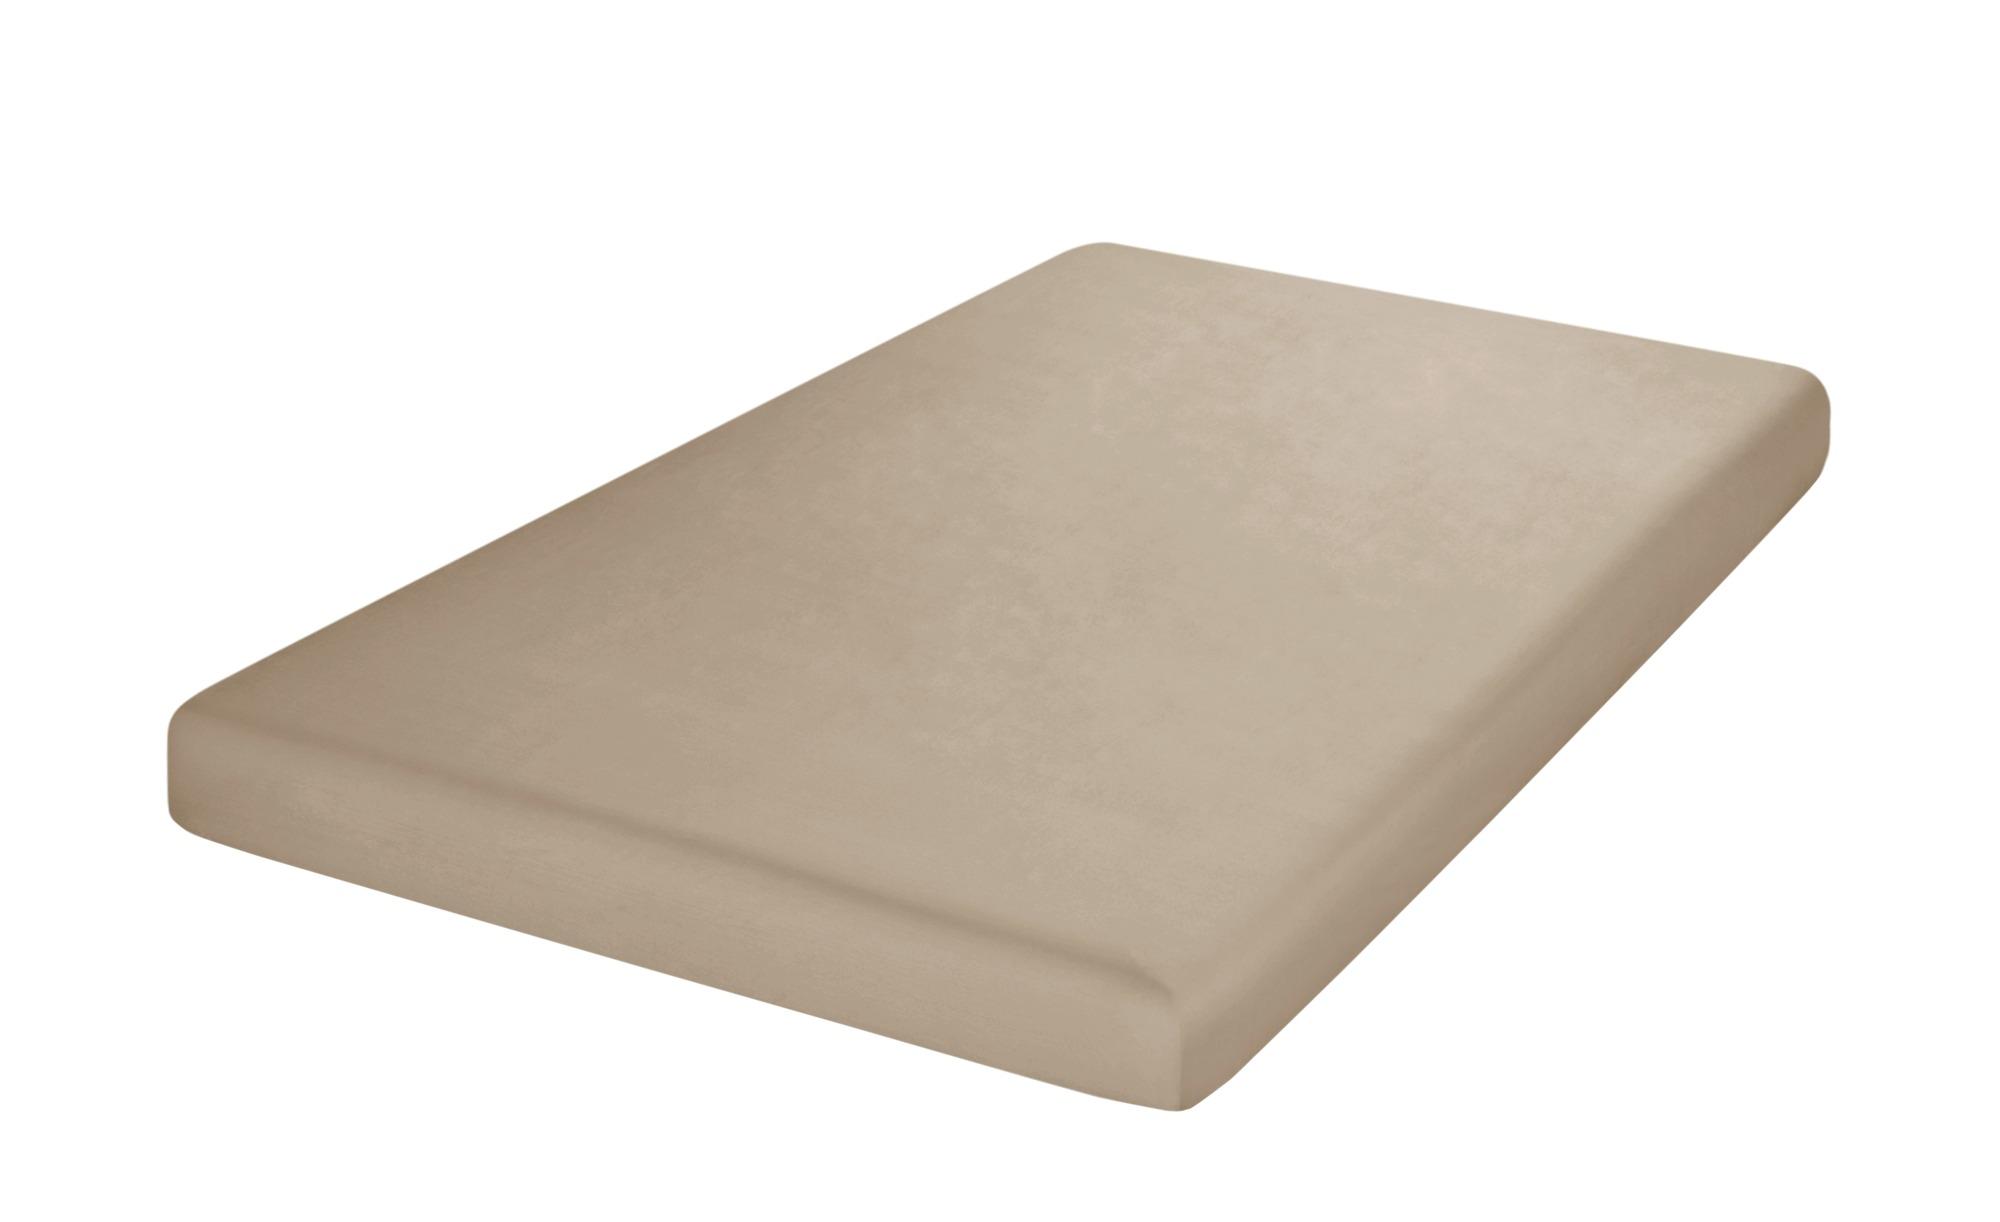 HOME STORY Uni Satin Tuch  5502 ¦ beige ¦ 100 % Baumwolle ¦ Maße (cm): B: 90 Bettwaren > Bettlaken > Sonstige Spannbettlaken - Höffner